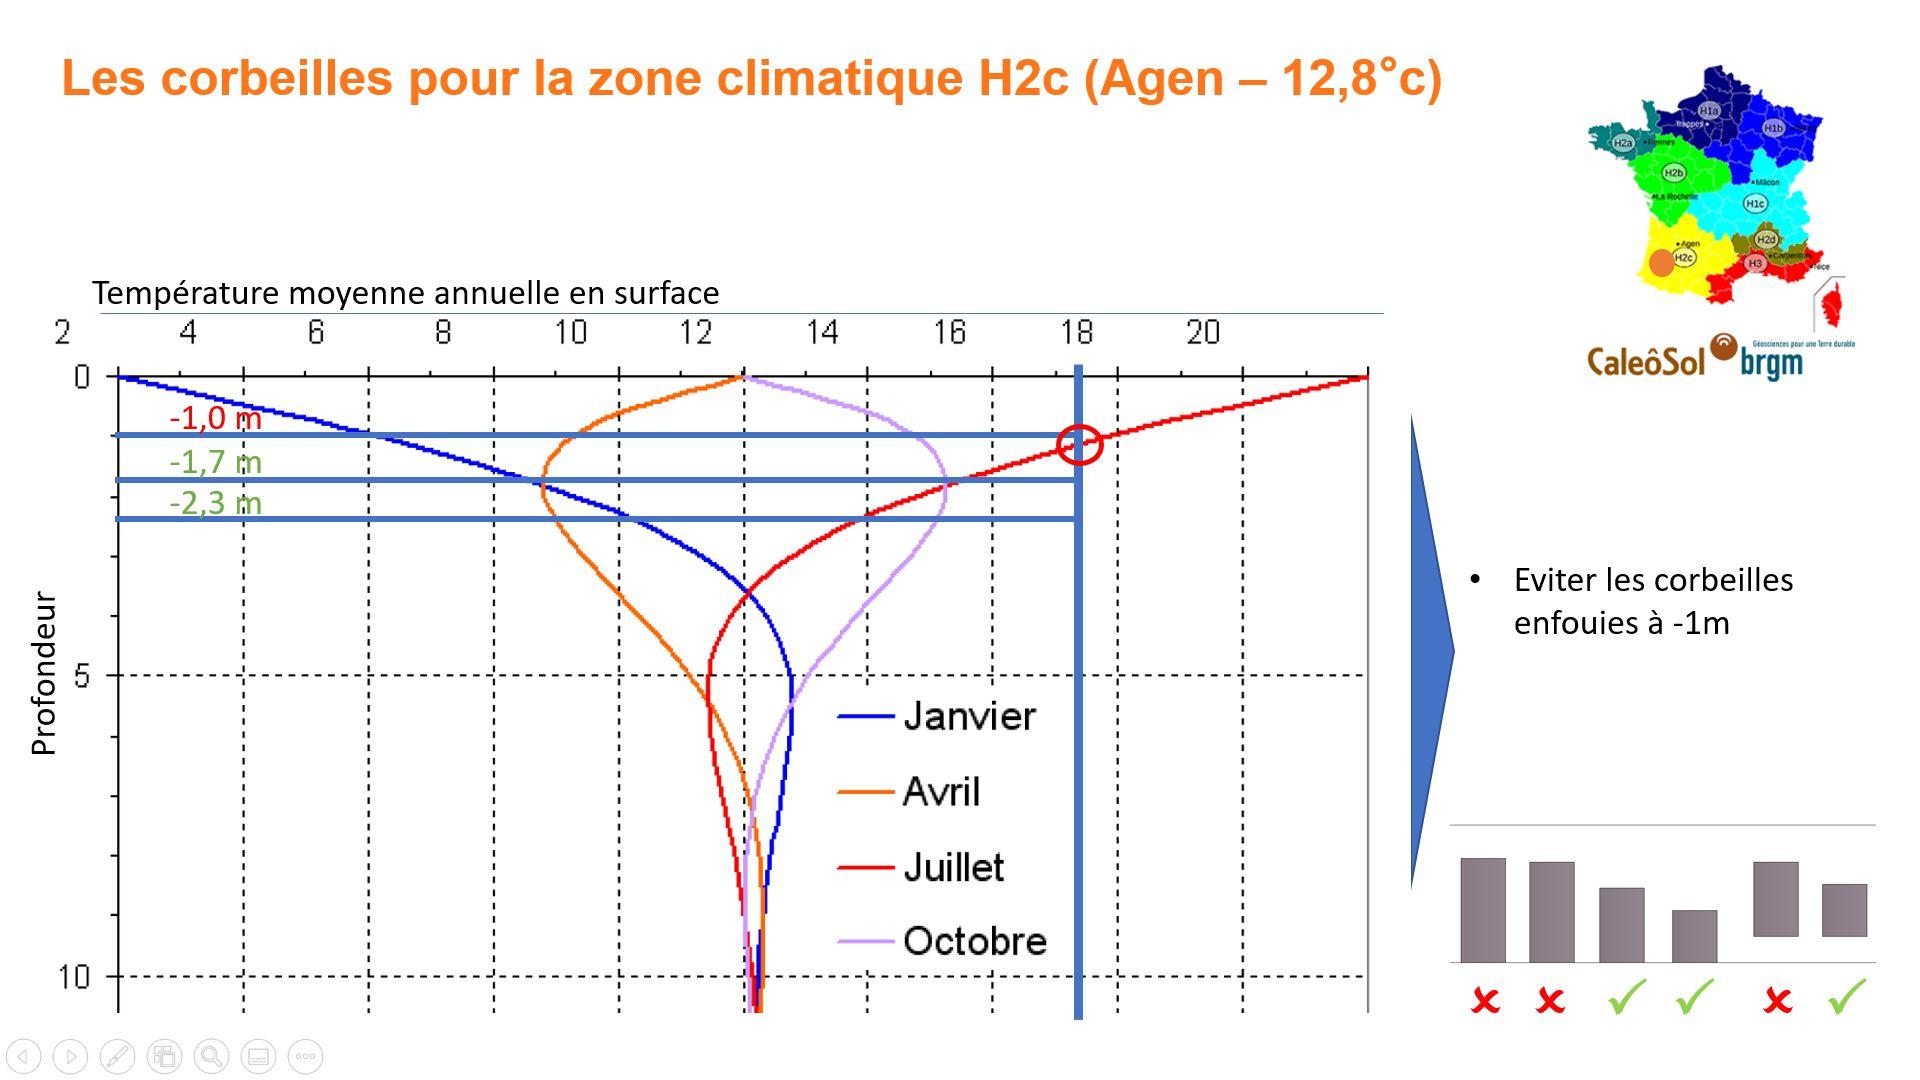 Corbeille géothermique en zone H2c